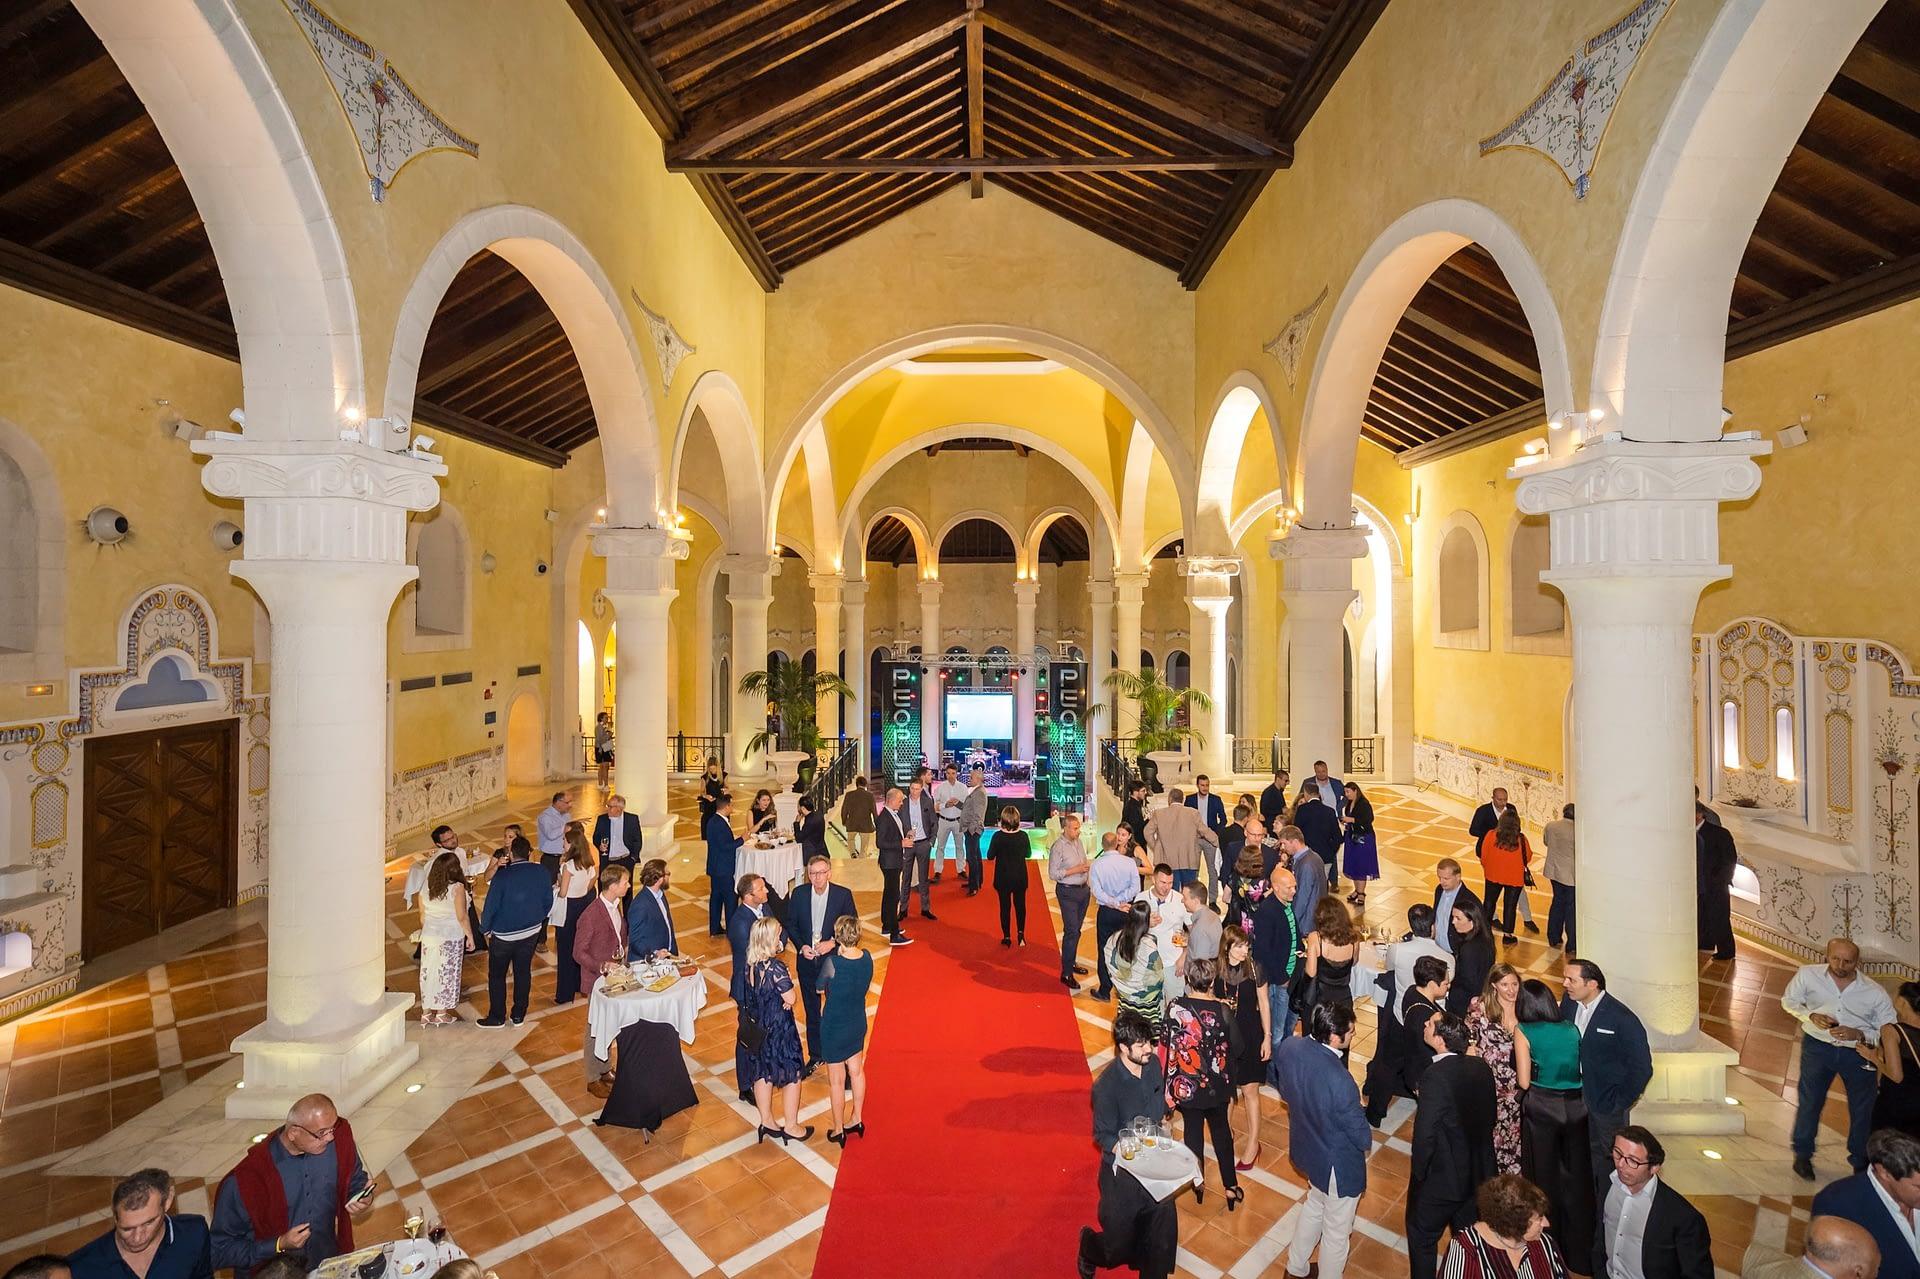 Pierluigi Cavarra - fotografo de bodas y eventos - wedding photographer costa blanca - ejemplo -2